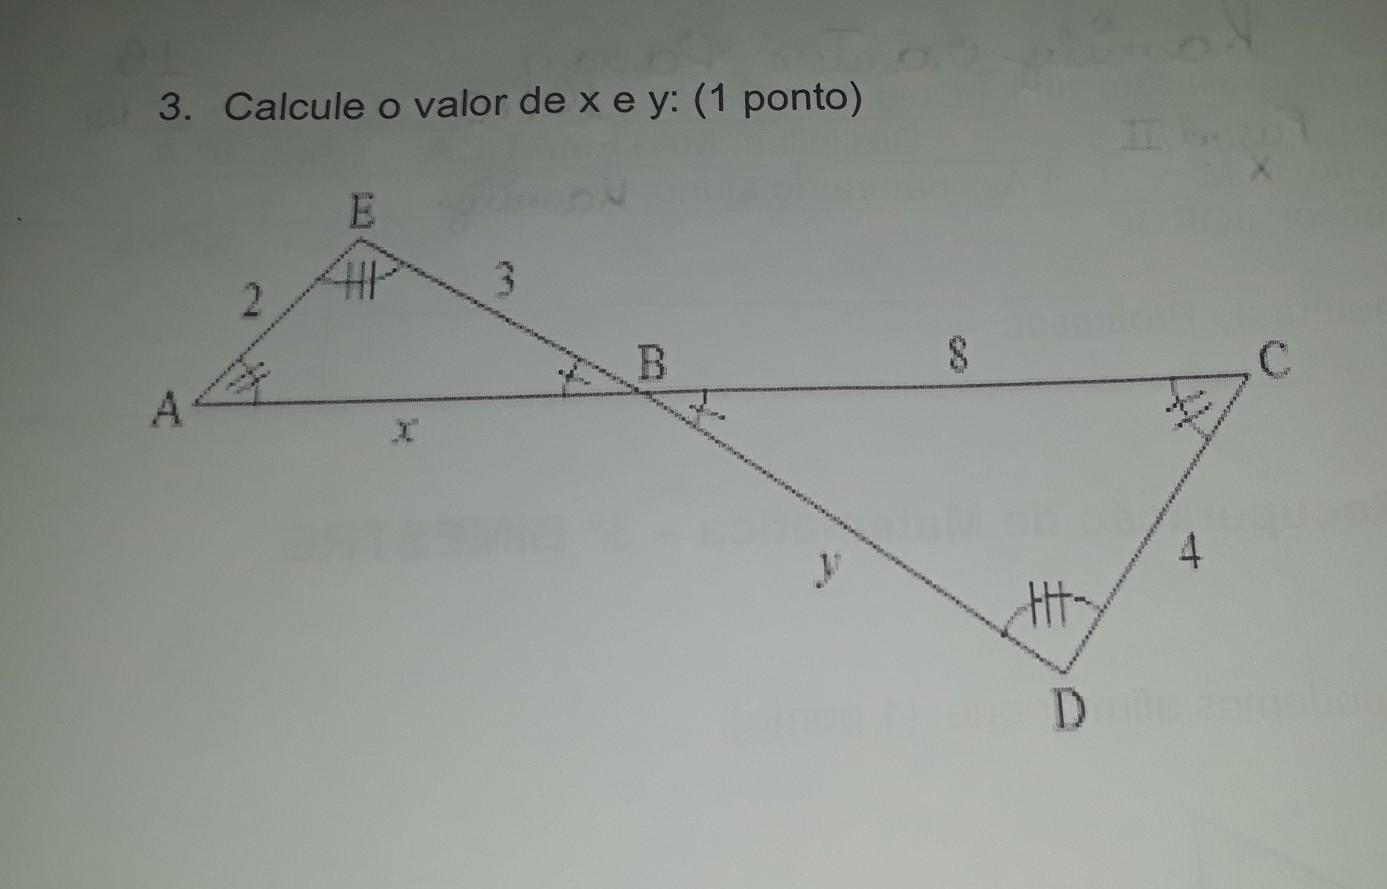 46cdea7247cbe podem me ajudar com esse cálculo  preciso achar o valor de x e y tbm ...